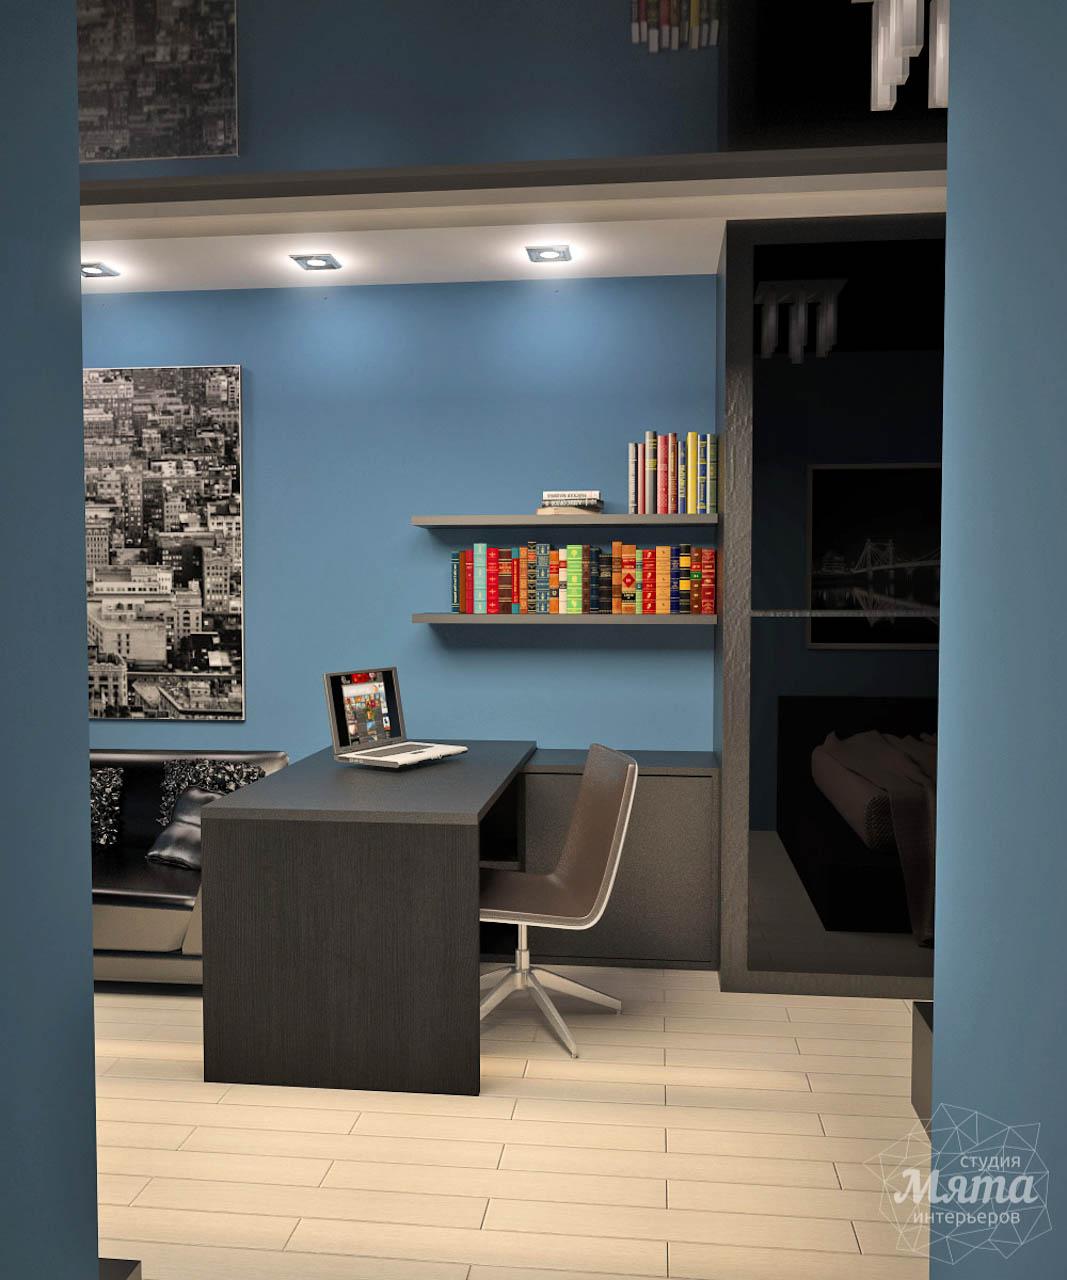 Дизайн интерьера и ремонт однокомнатной квартиры по ул. Комсомольская 45 img573698702